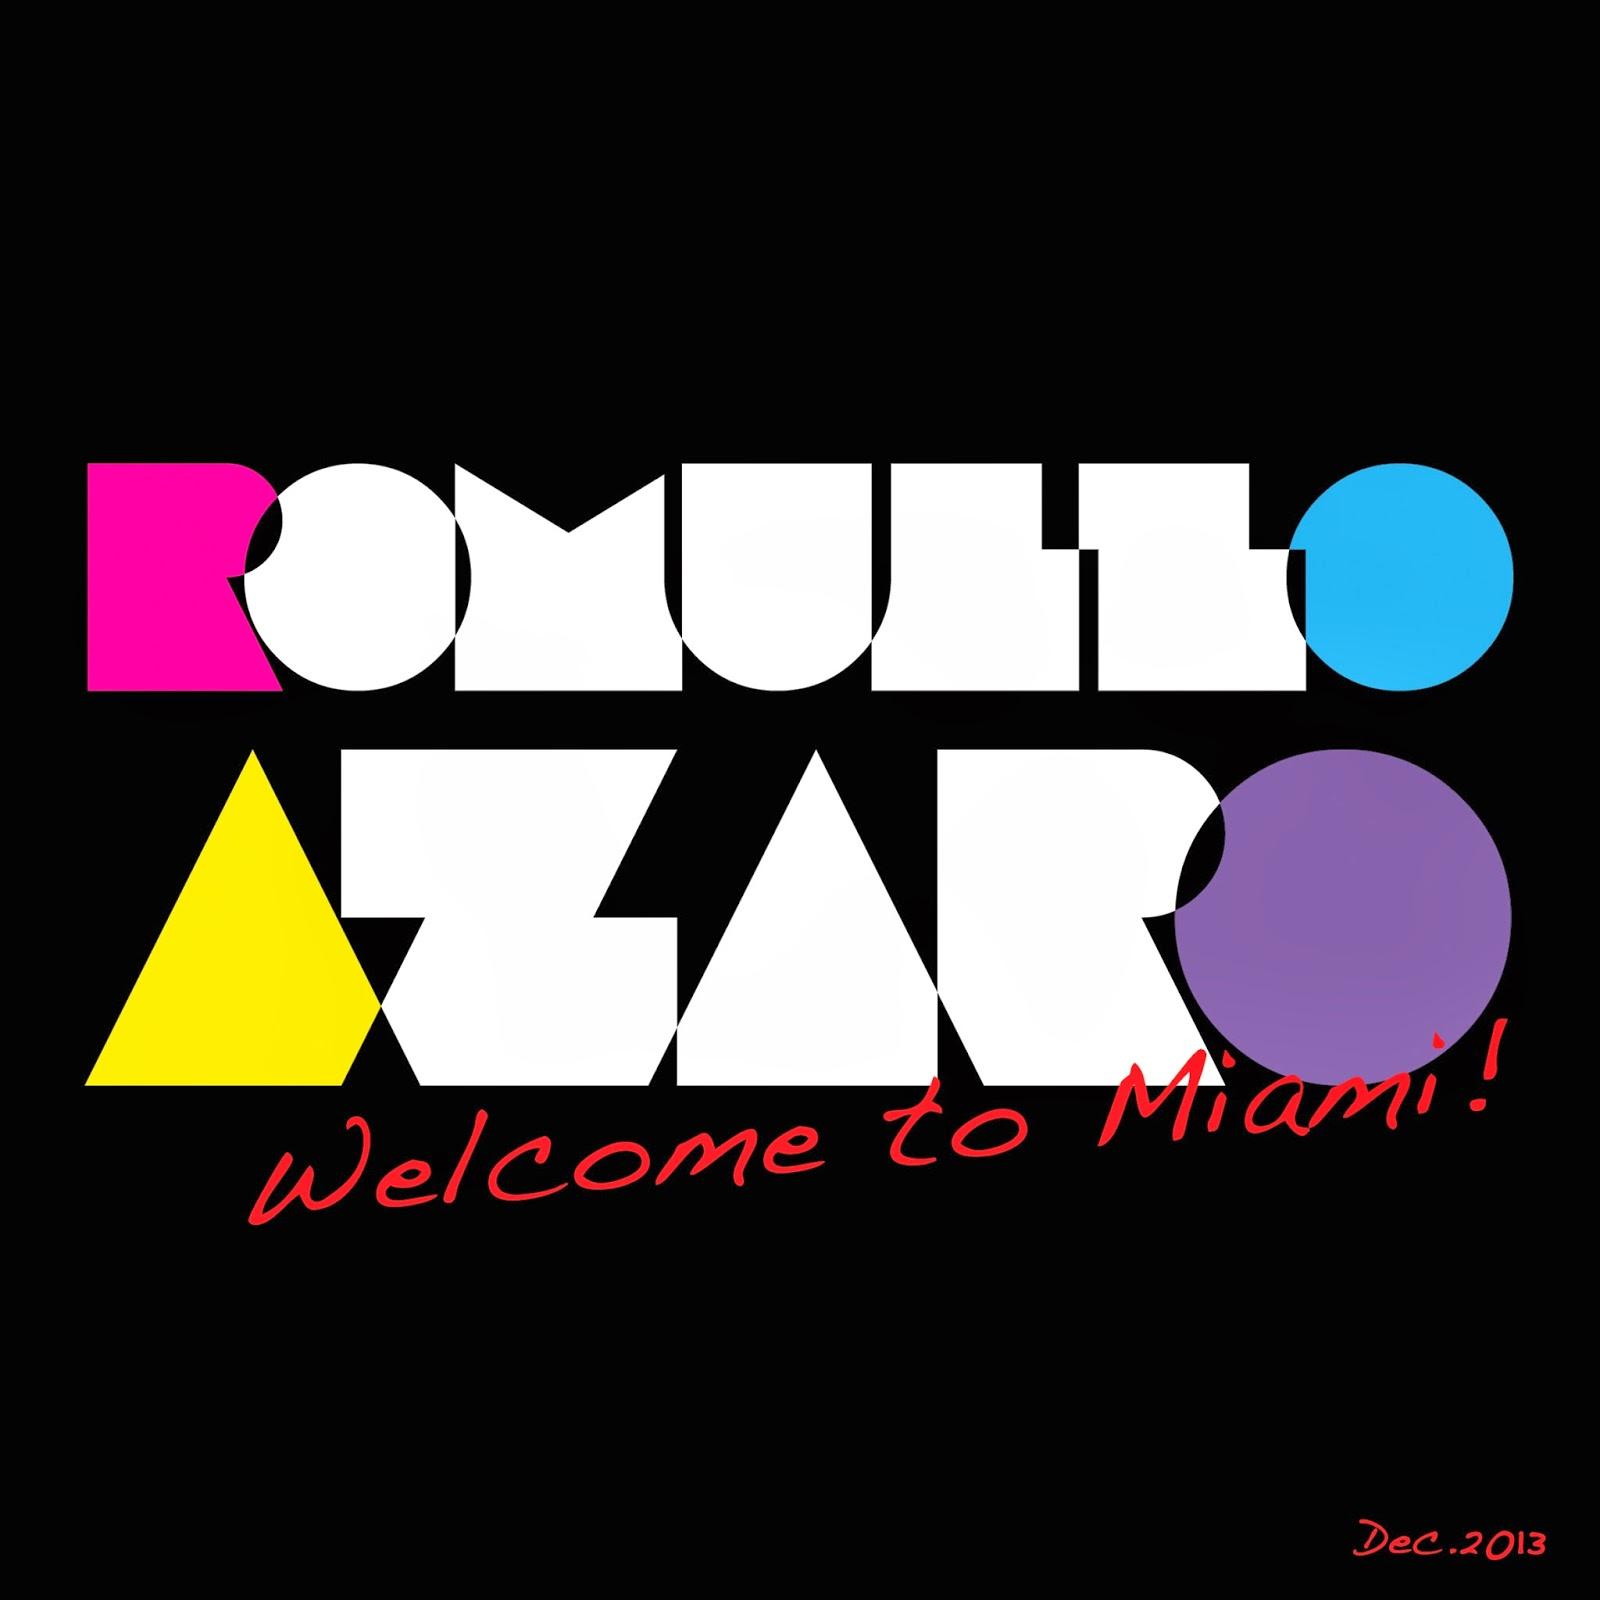 DJ Romullo Azaro - WELCOME TO MIAMI (DEC.2013)